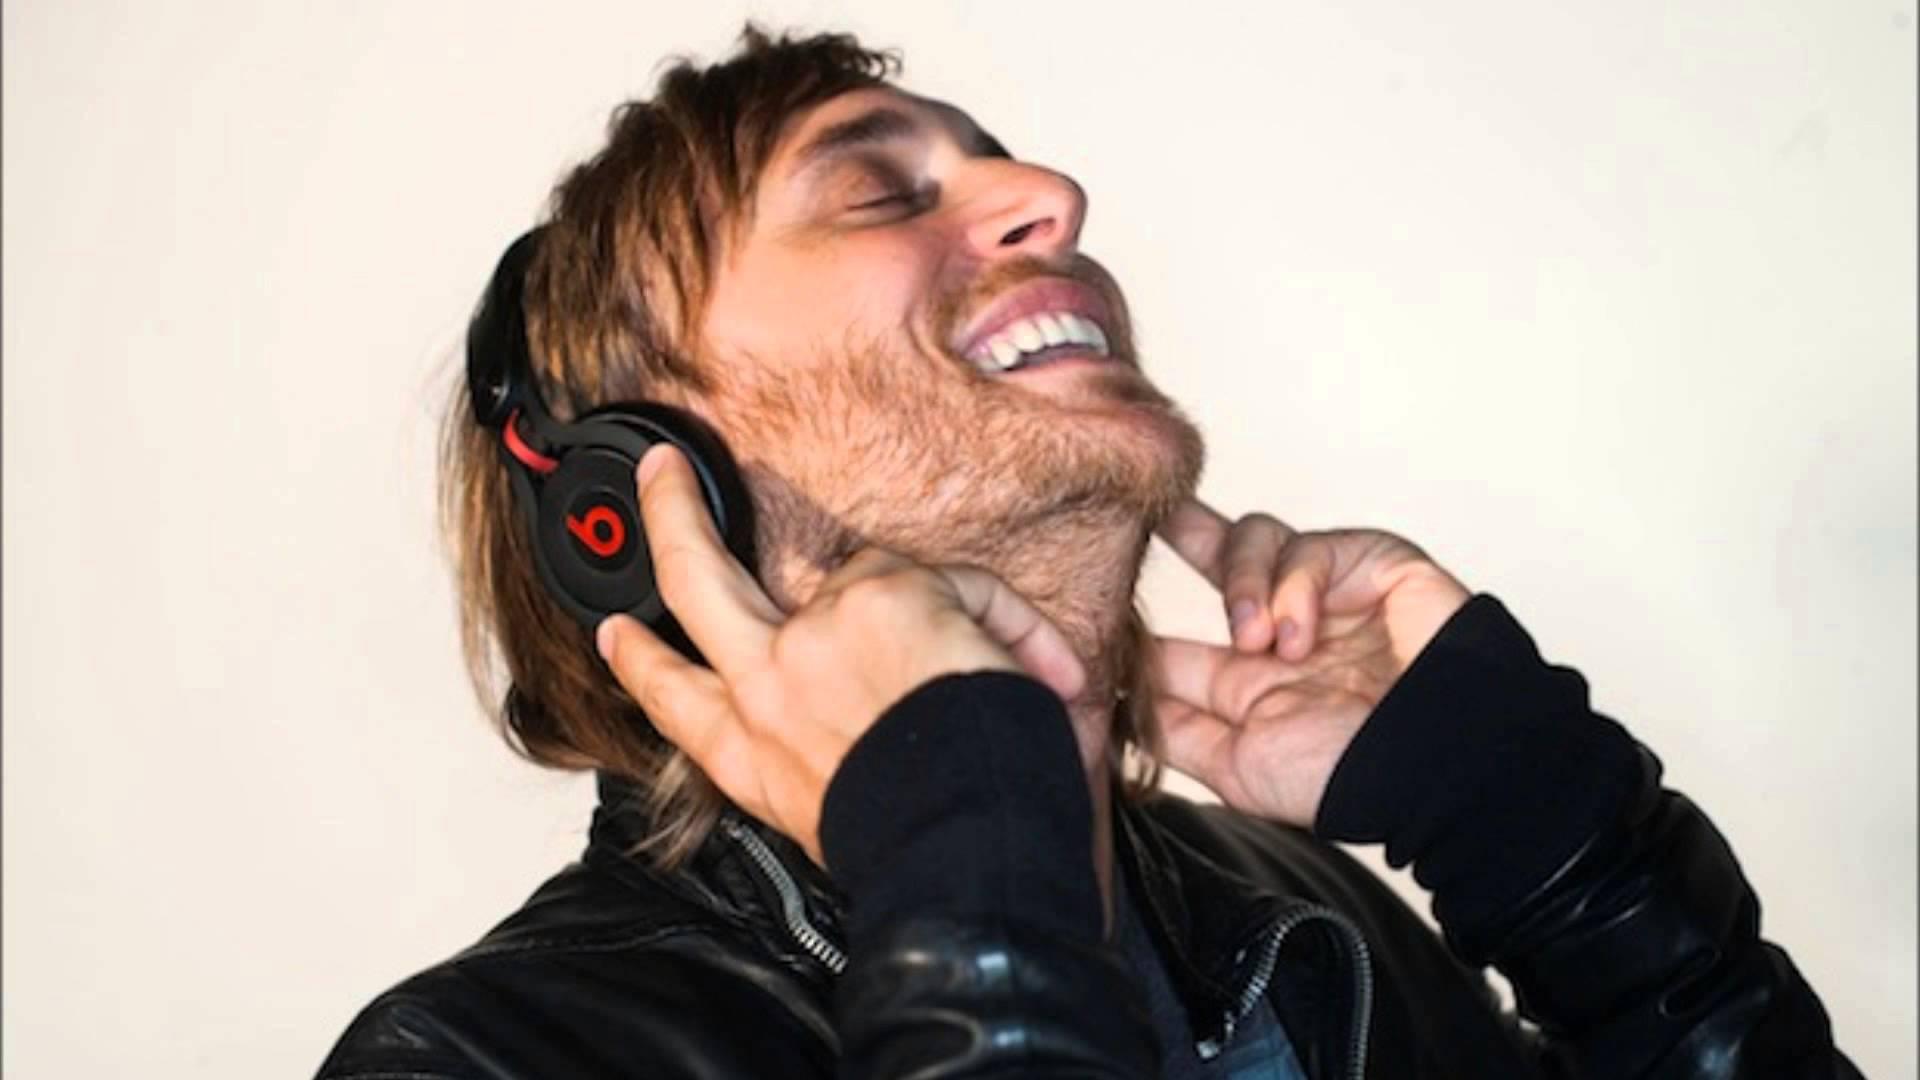 migliori cuffie beats - Ascolta la tua musica preferita con le migliori cuffie Beats: guida all'acquisto